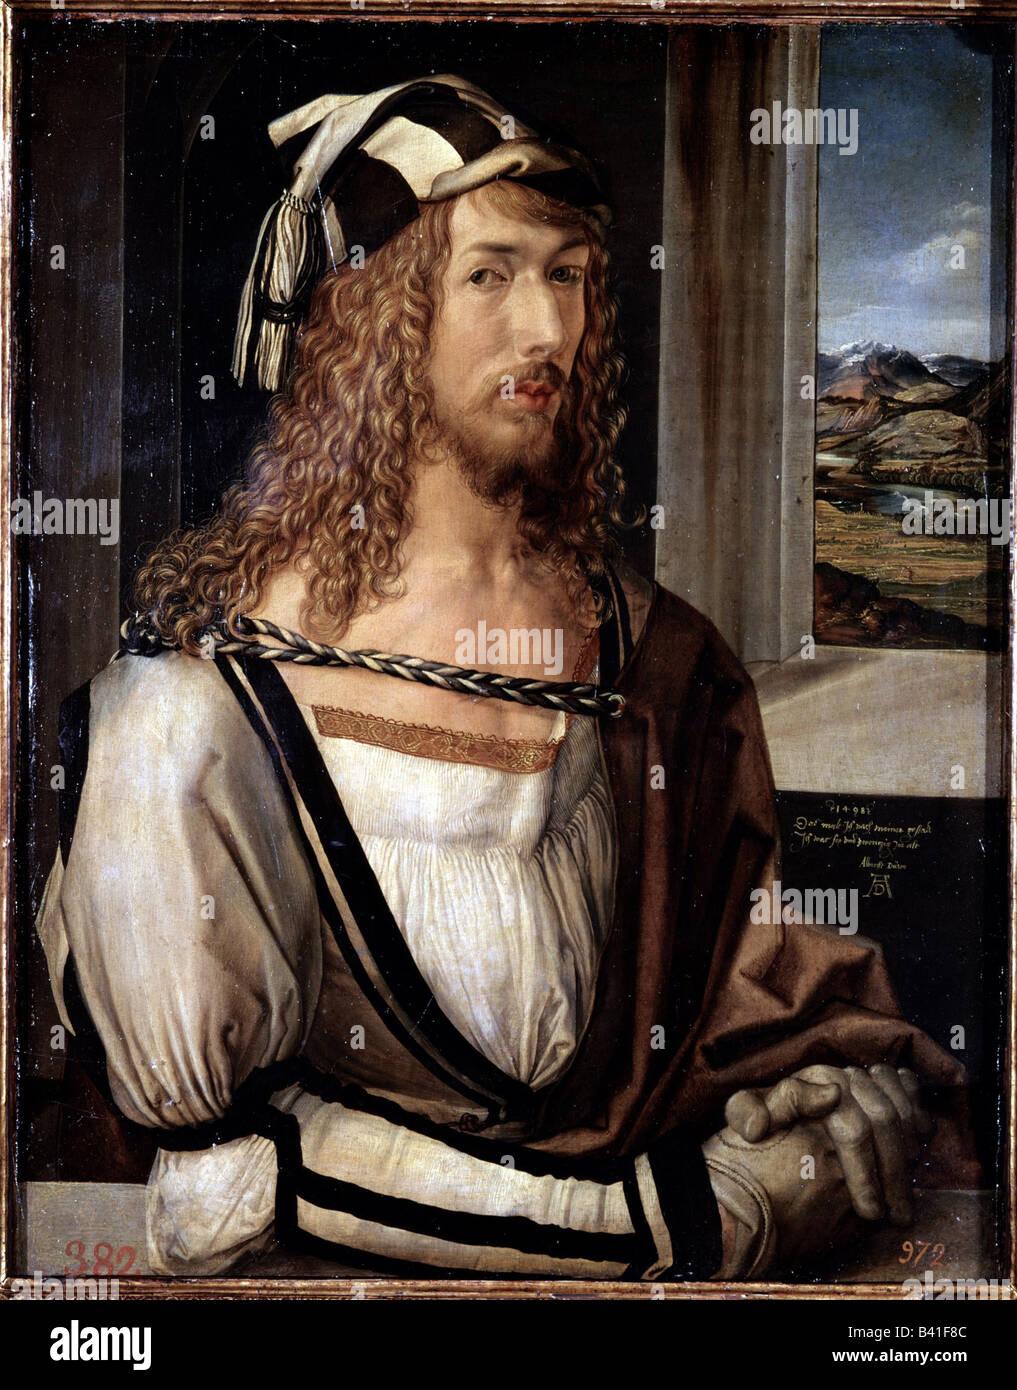 """Fine Arts - Dürer, Albrecht (1471-1528), Gemälde """"Selbstbildnis Mit Landschaft"""" Selbstbildnis, 1498, Öl auf Platte, Stockfoto"""